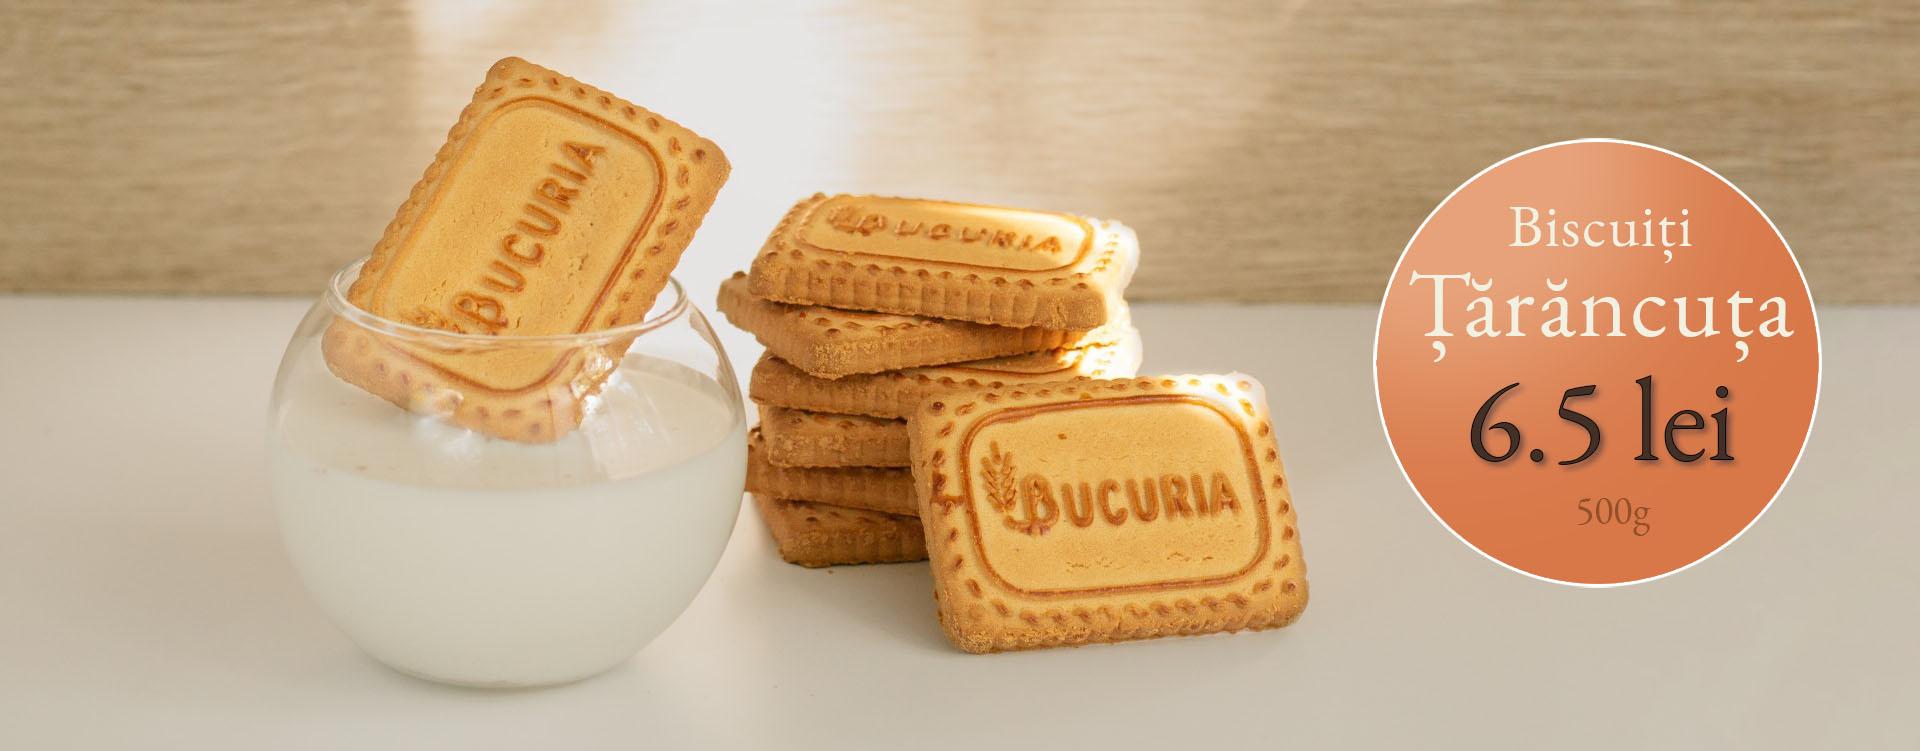 Biscuiti Tarancuta